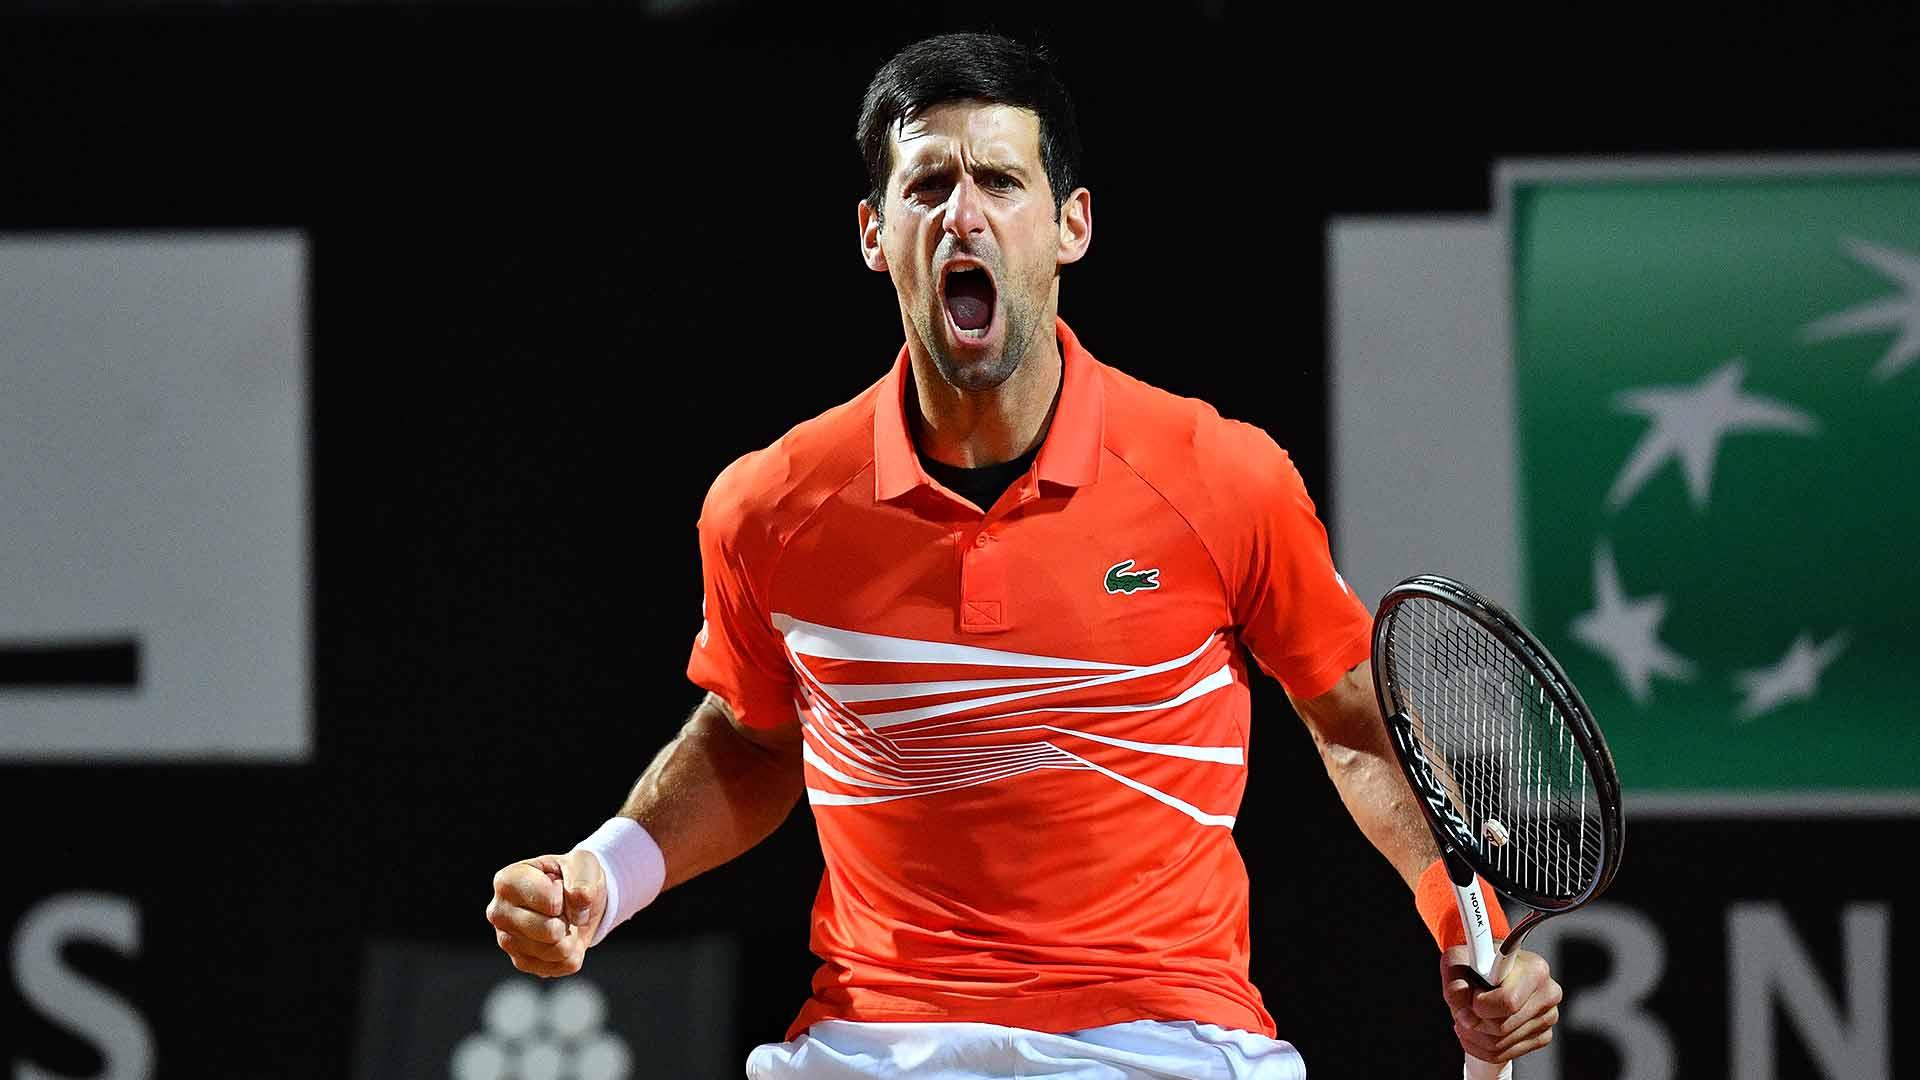 Novak Djokovic faces Juan Martin del Potro on Saturday night in Rome